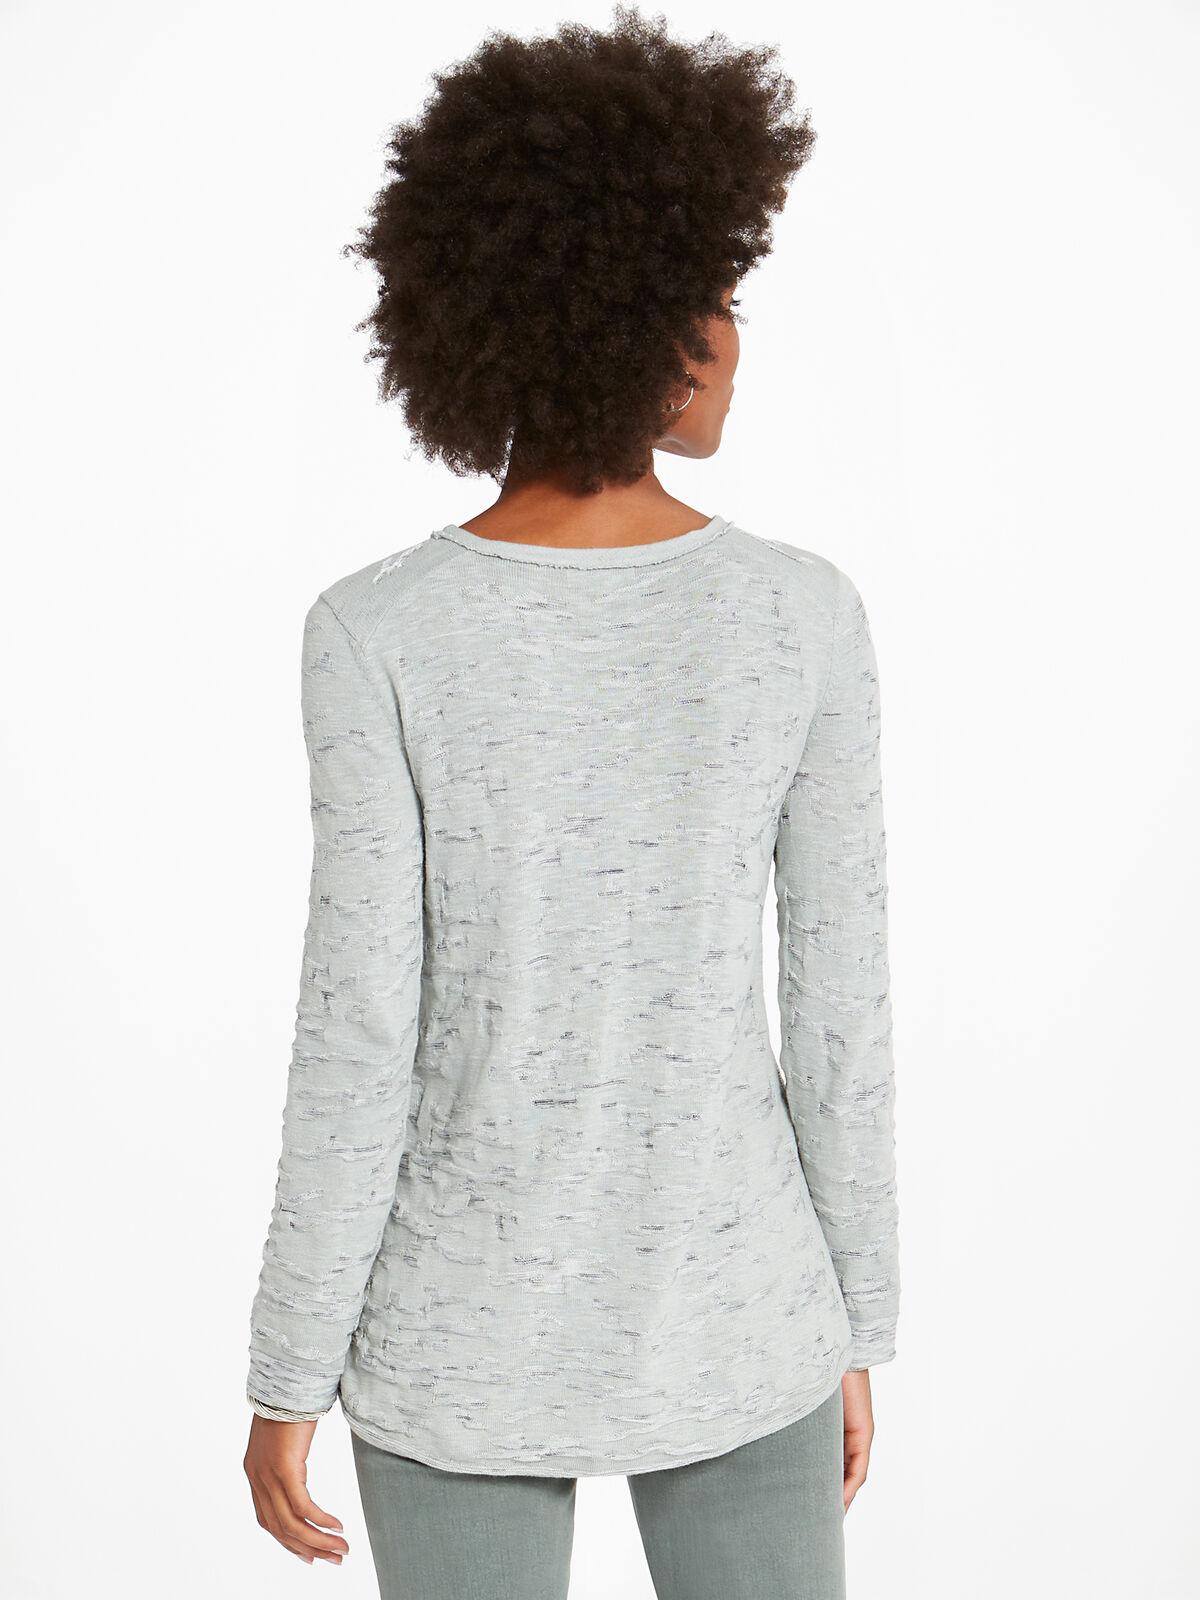 Easy Like Sunday Sweater